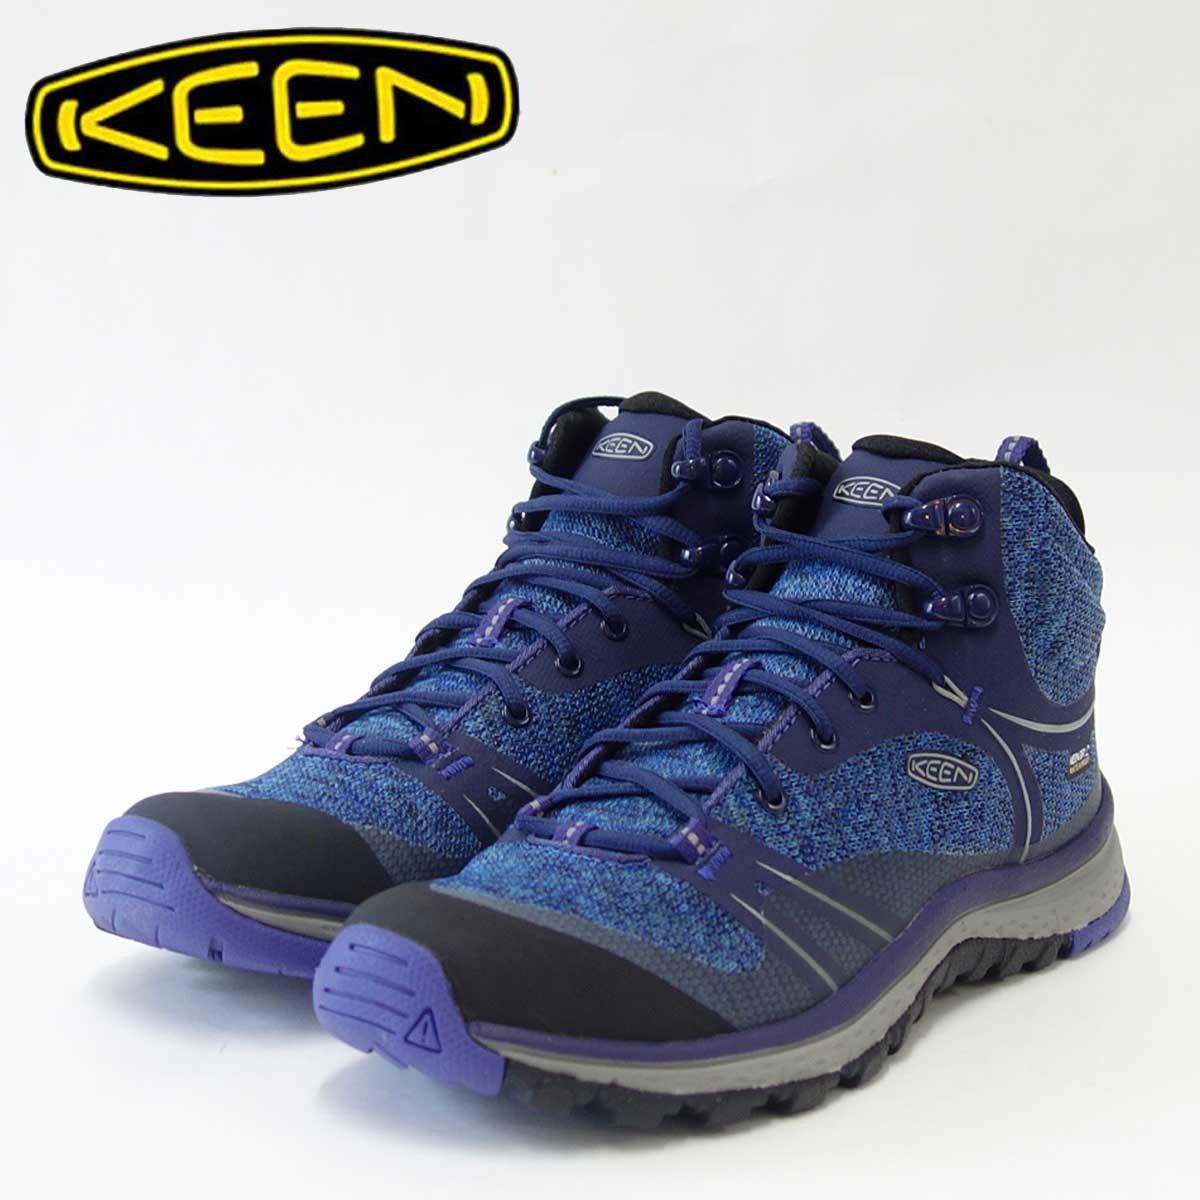 KEEN キーン Terradora Mid WP 1016502 テラドーラ ミッド ウォータープルーフ(ウィメンズ)防水仕様、通気性抜群のアウトドアフィットネスシューズカラー: Astral Aura/Liberty「靴」